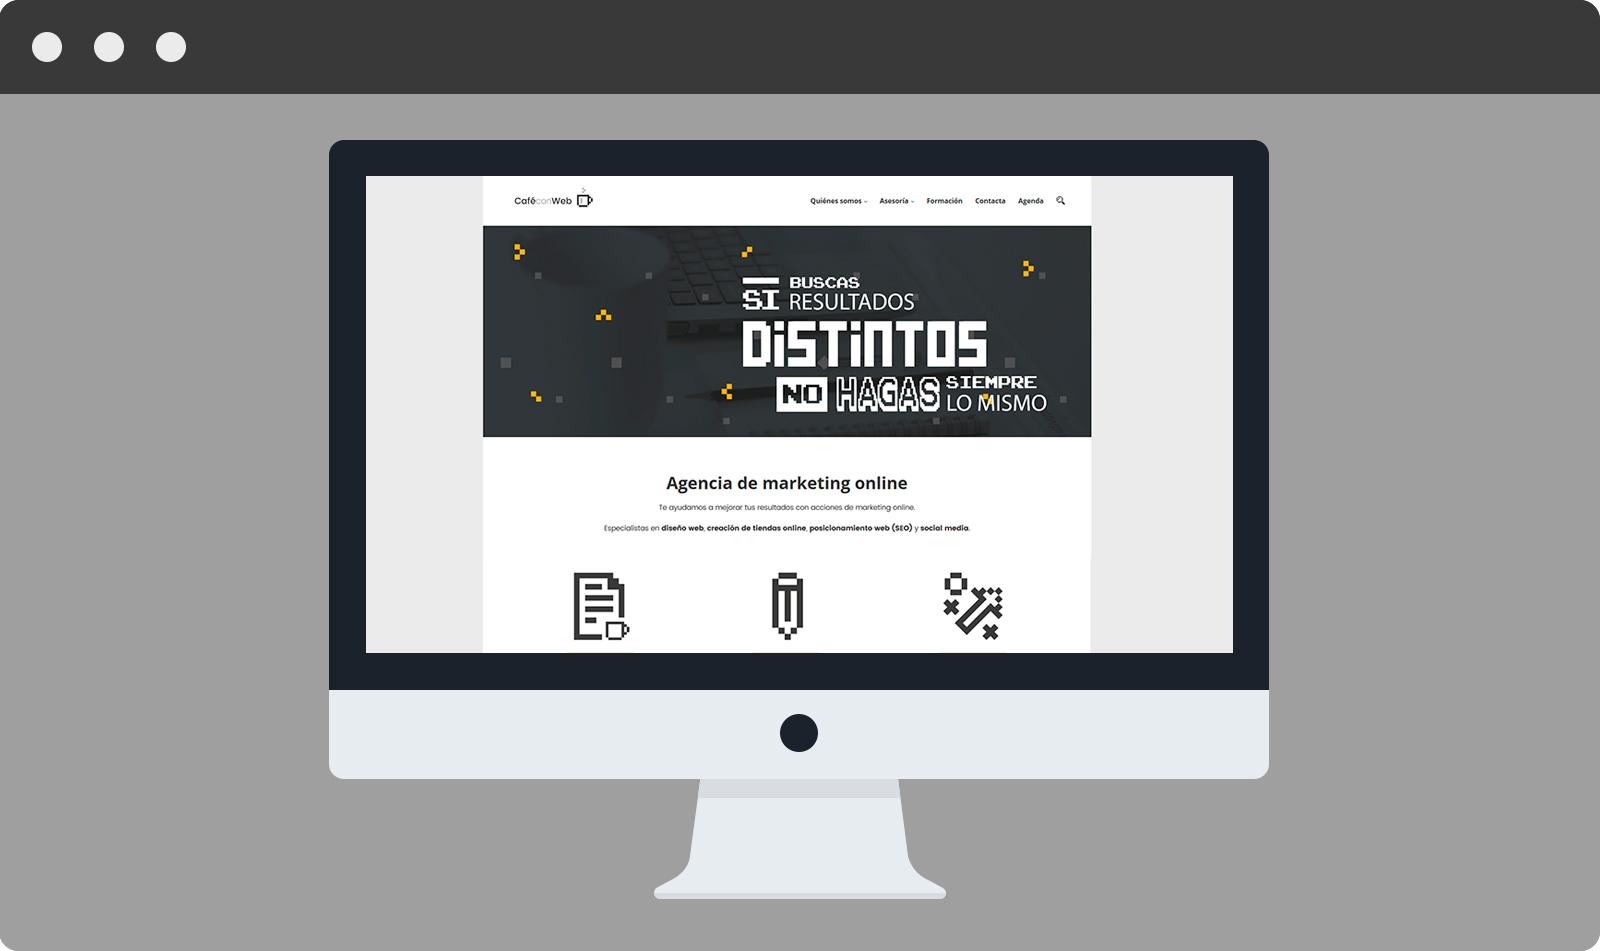 Mock up de la página de inicio de cafeconweb.es